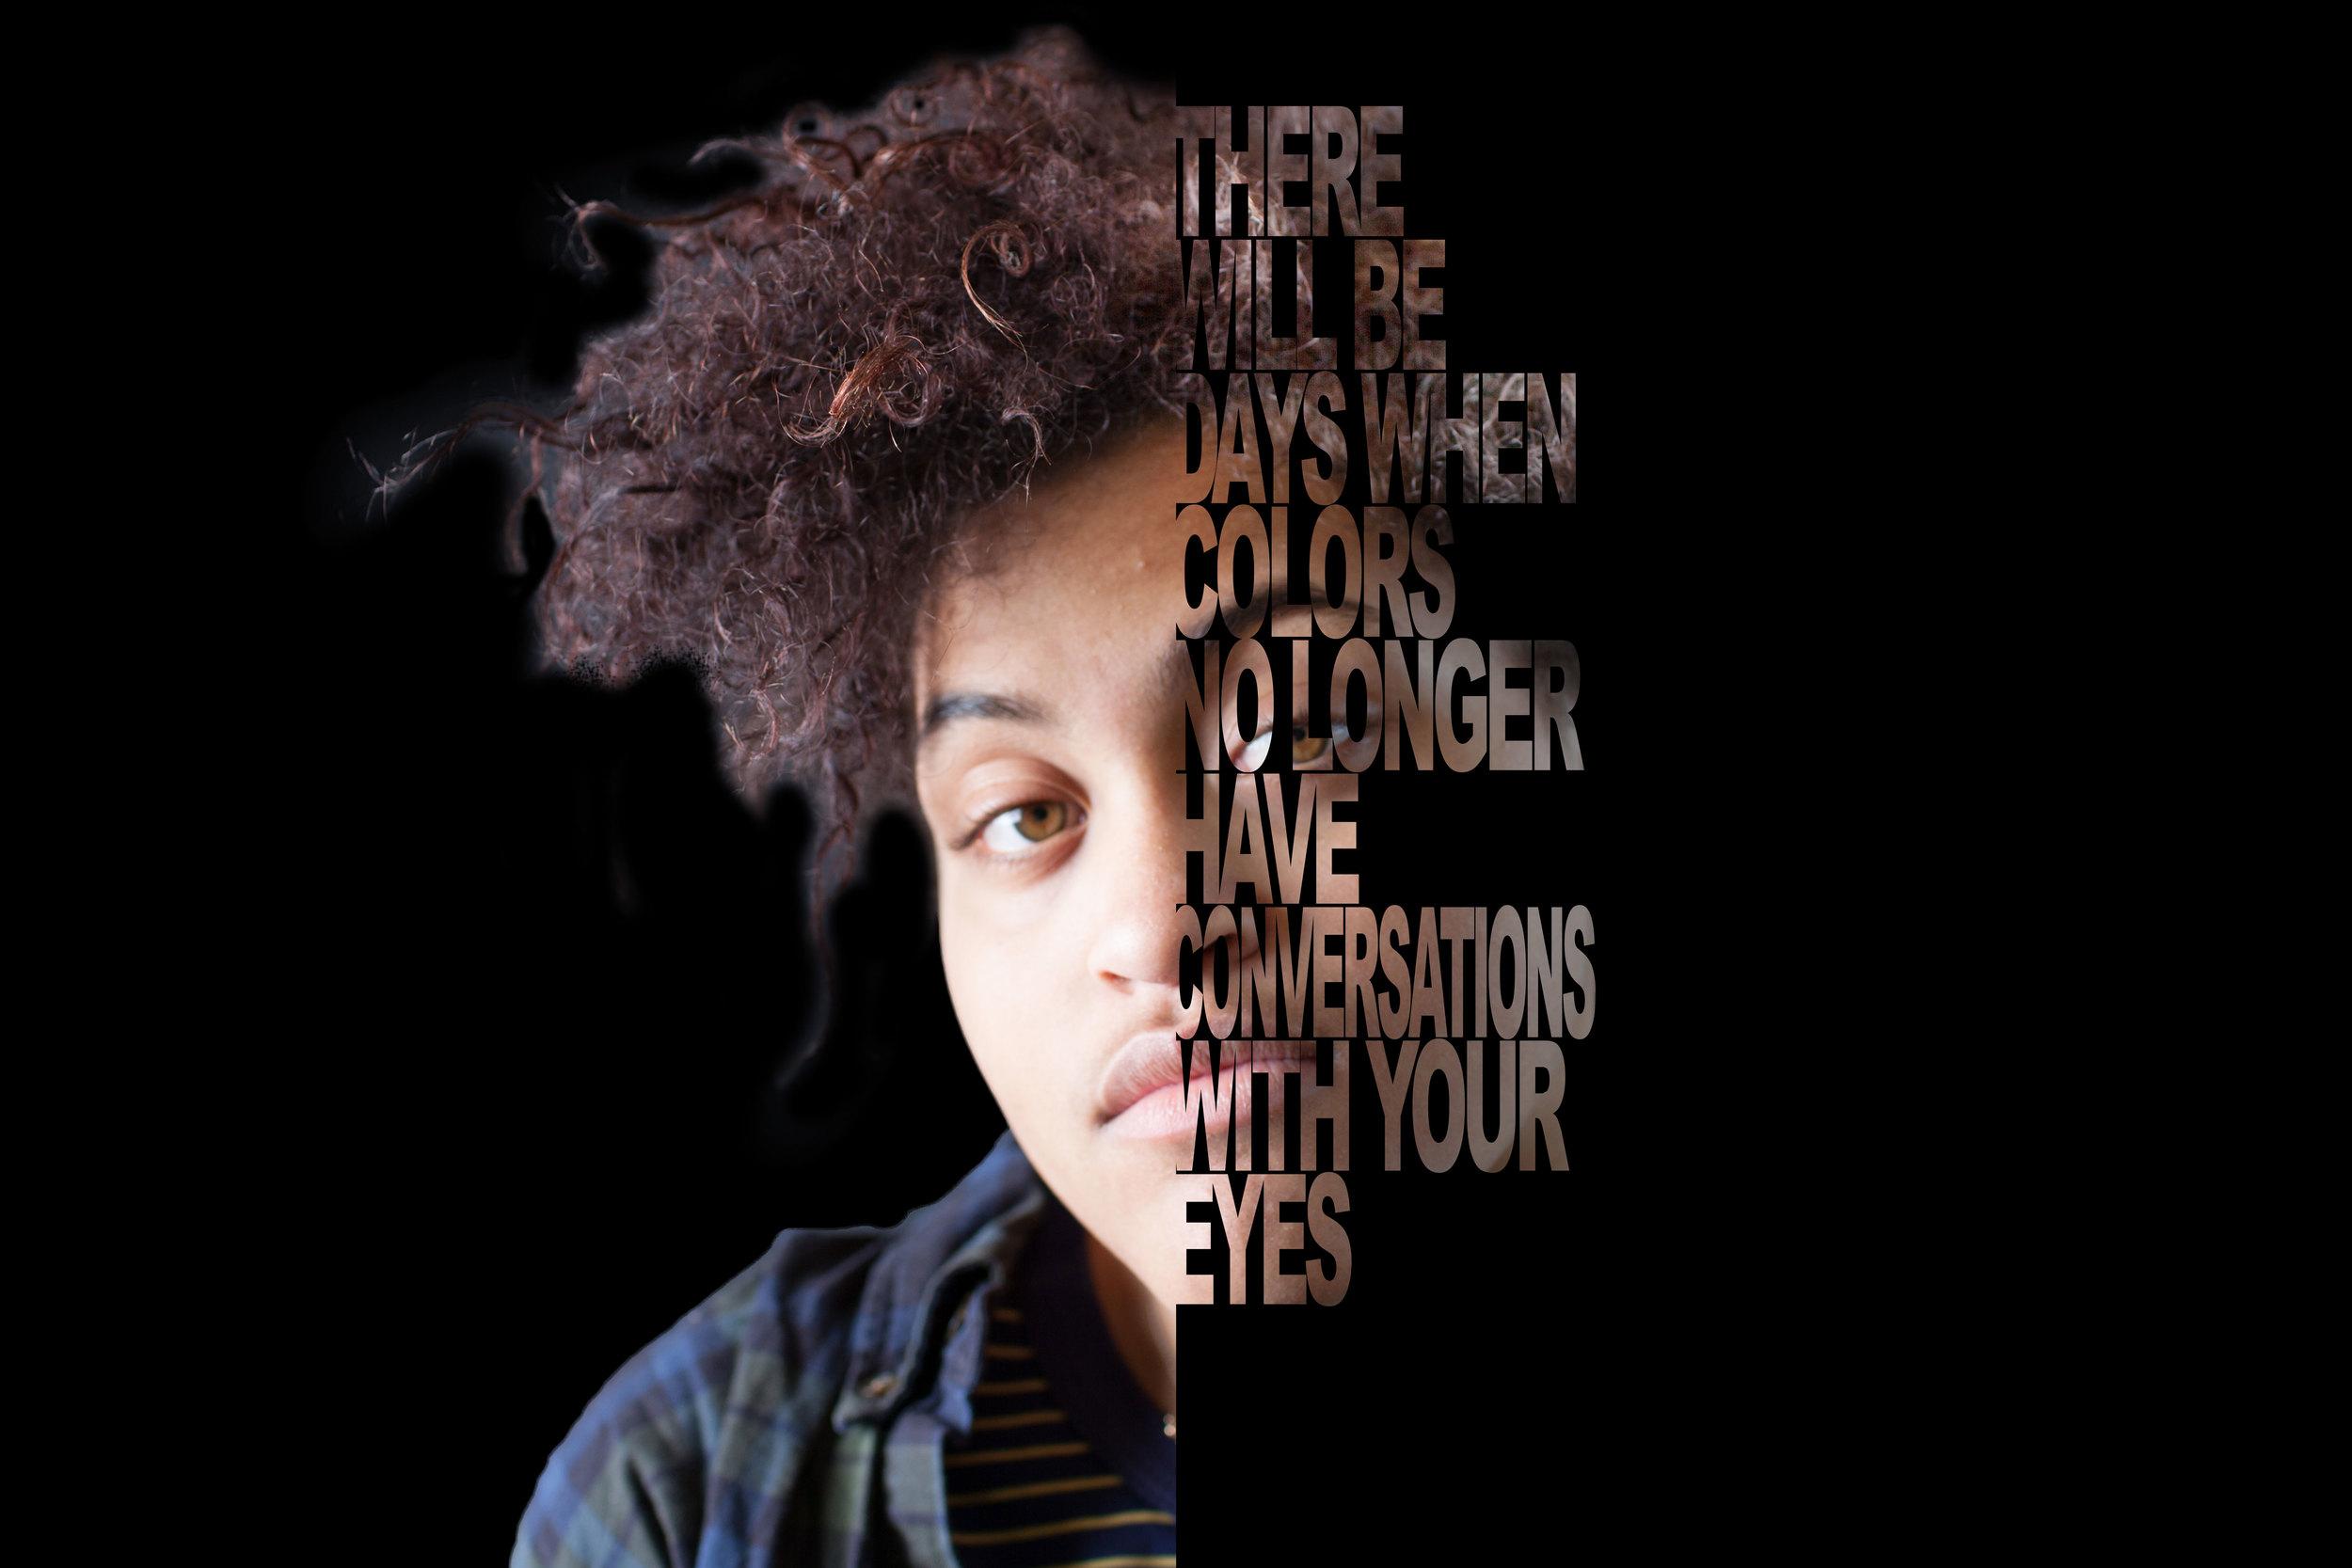 Linda_poster.jpg